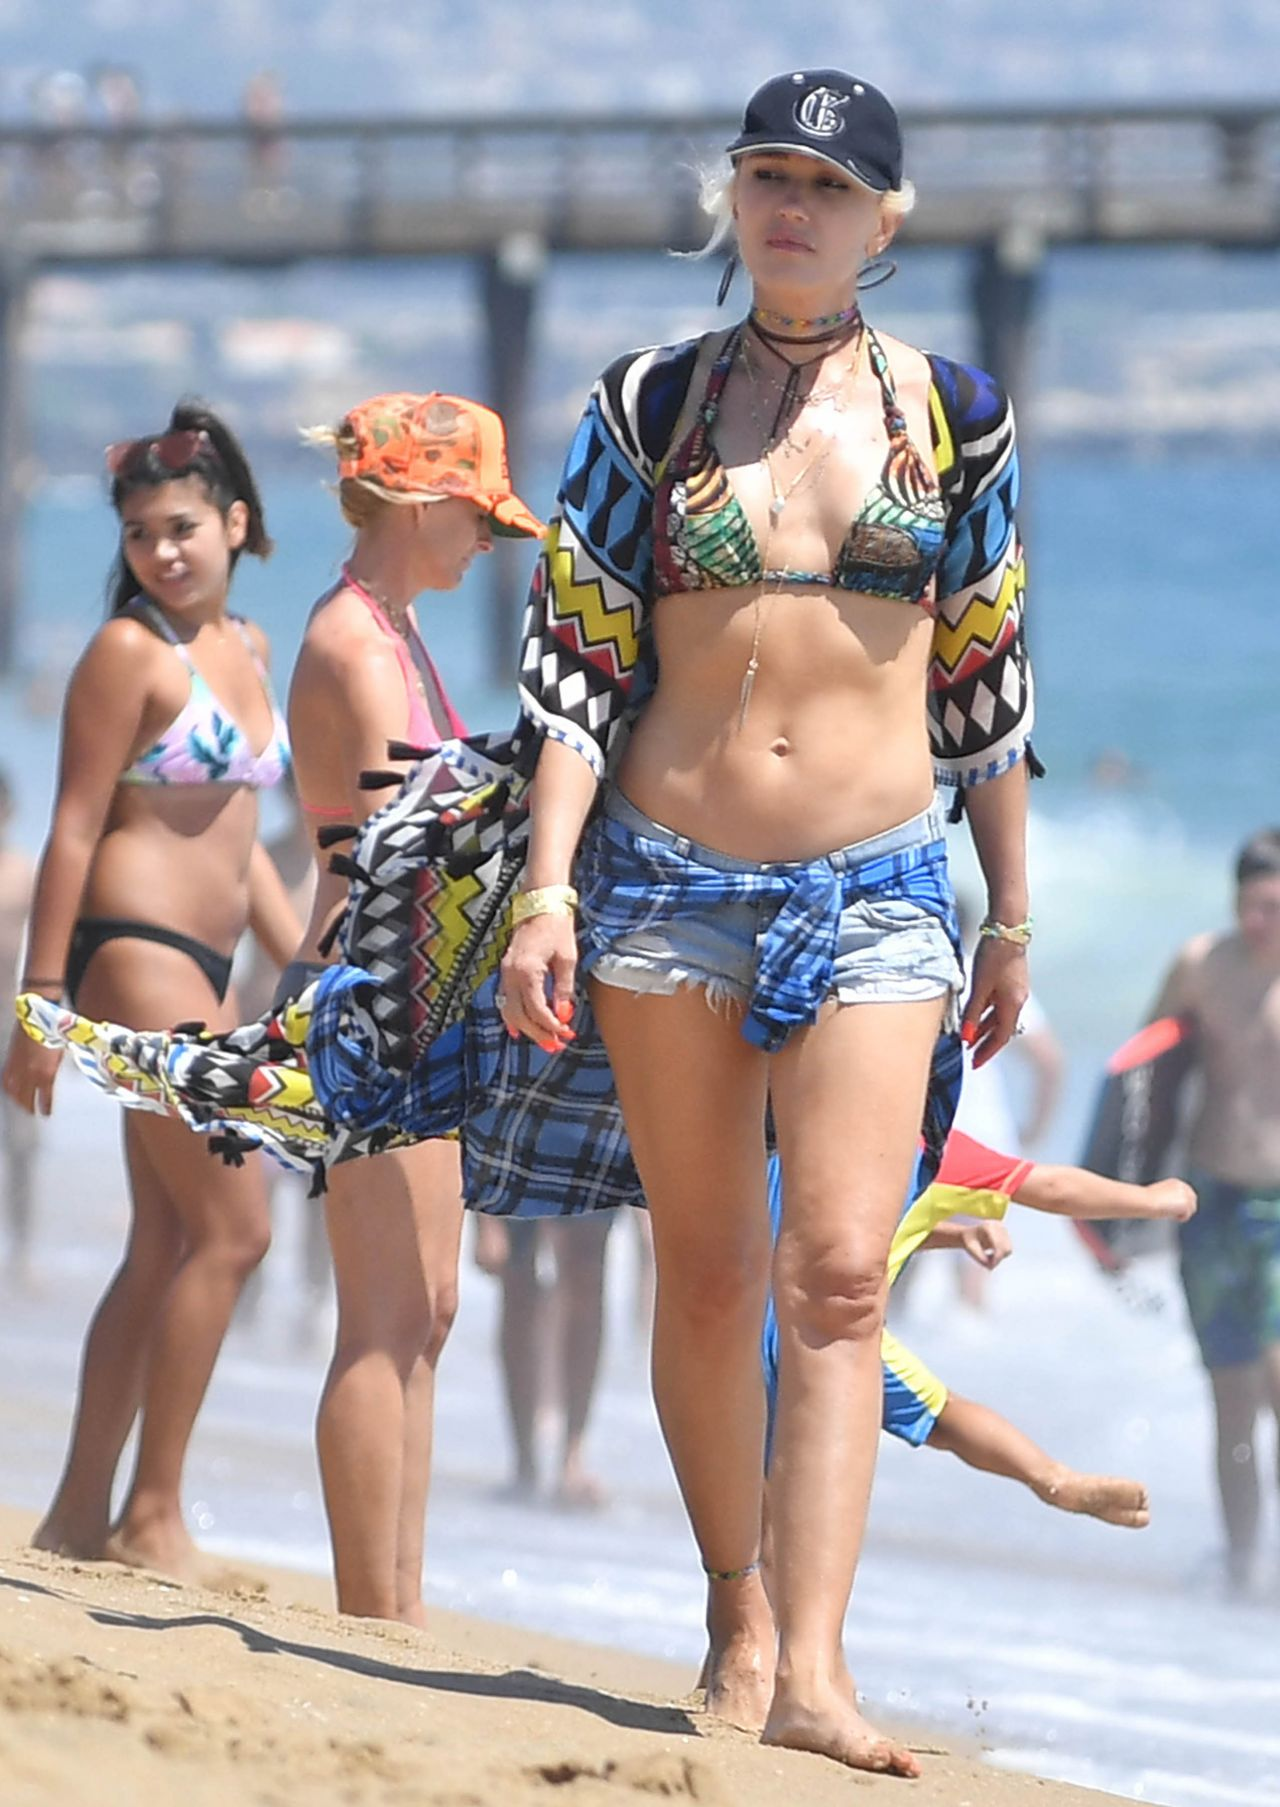 Share your Latest bikini show